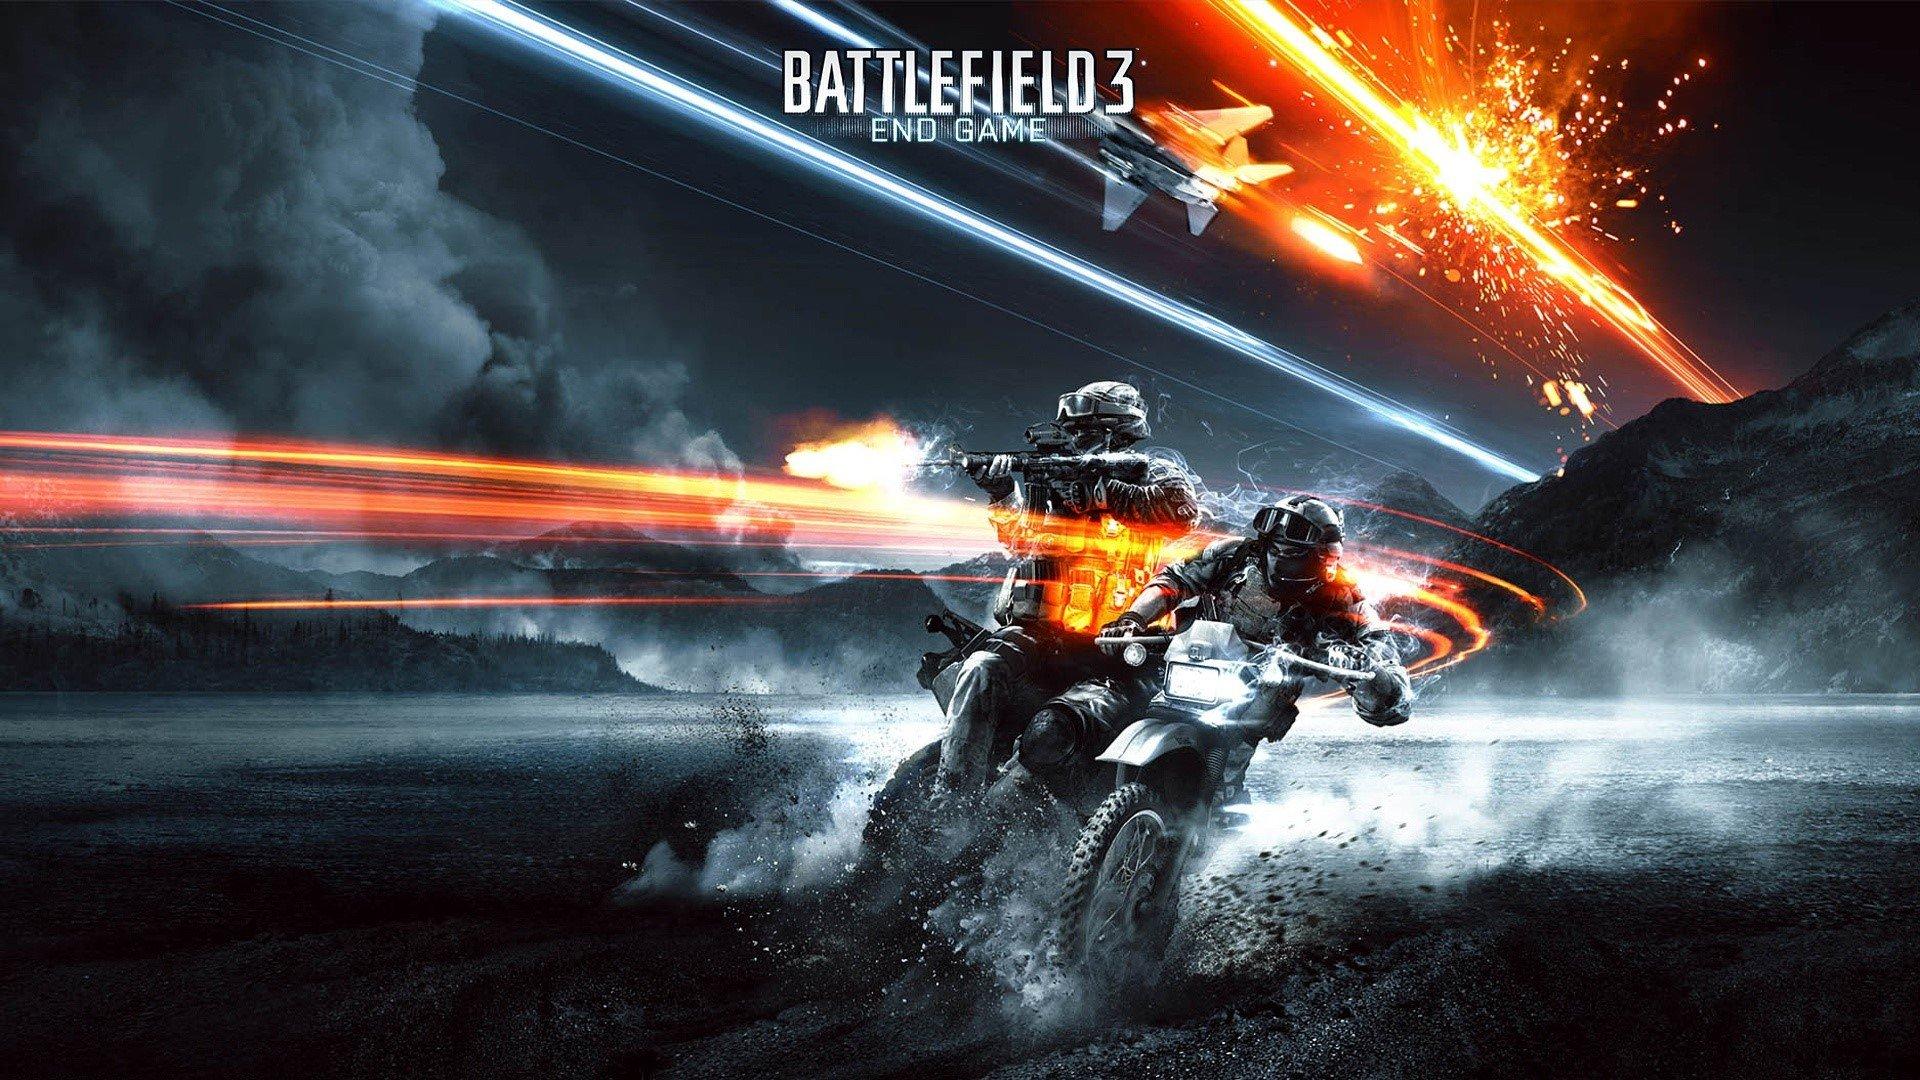 Wallpaper Battlefield 3 End game